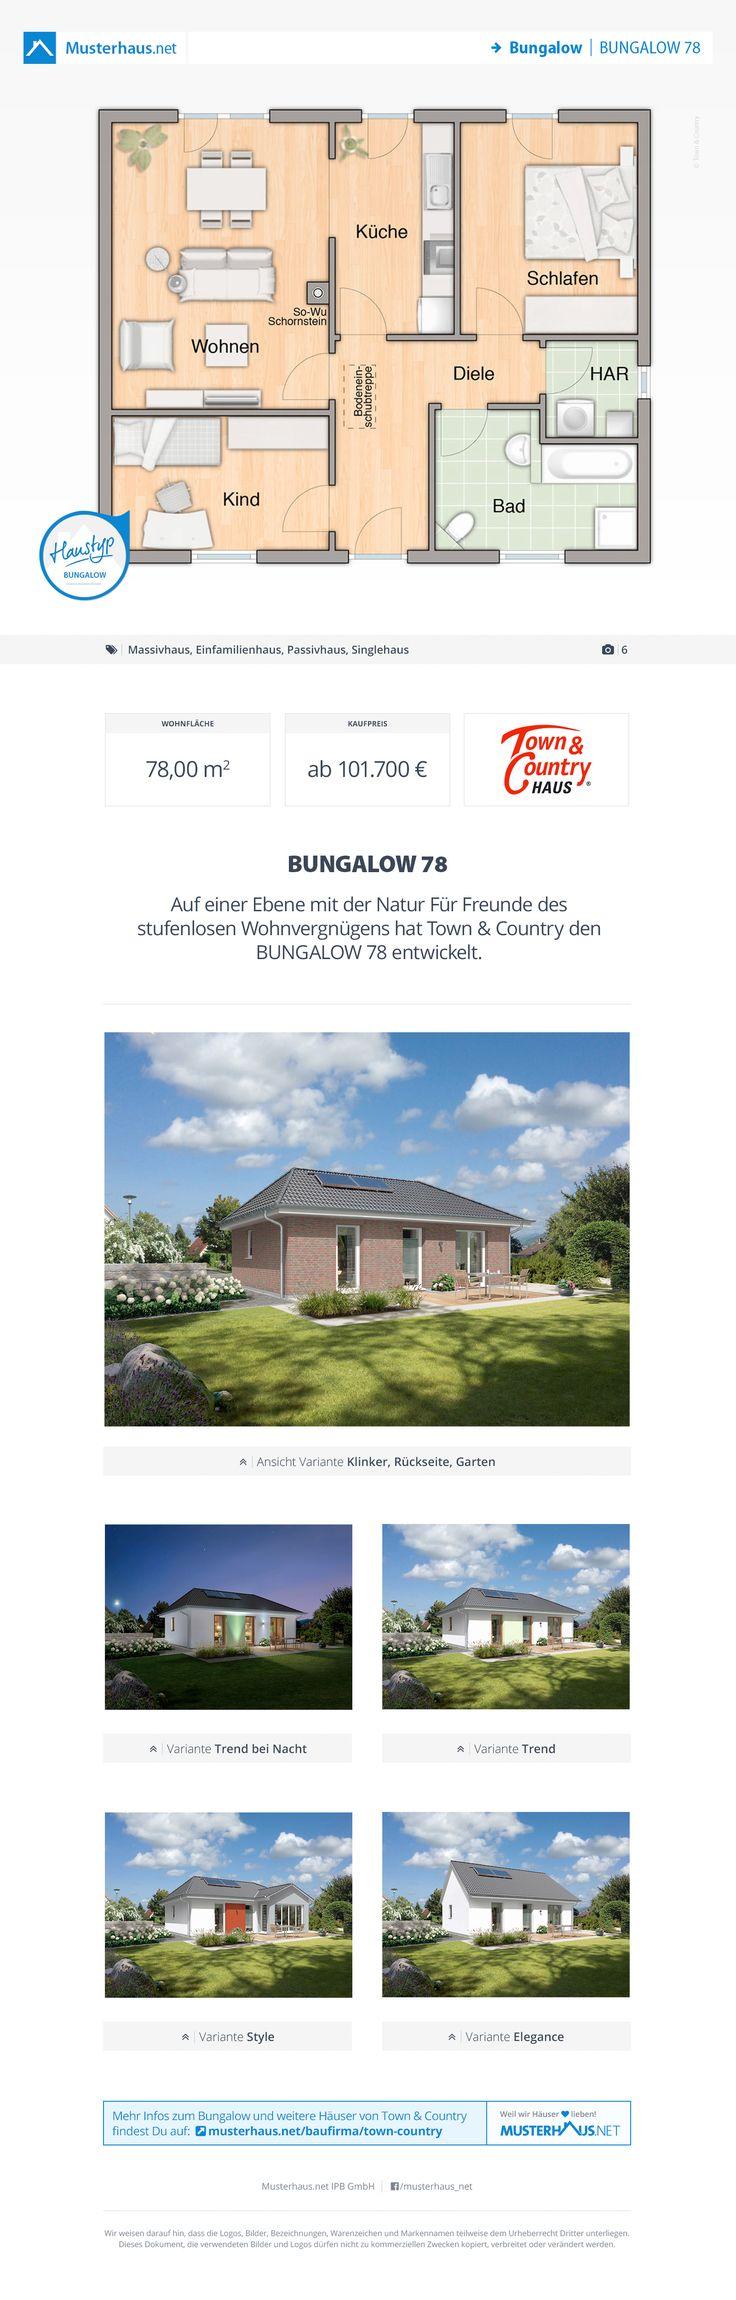 Musterhaus bungalow grundriss  12 besten Bungalow Grundrisse Bilder auf Pinterest | Offene küche ...